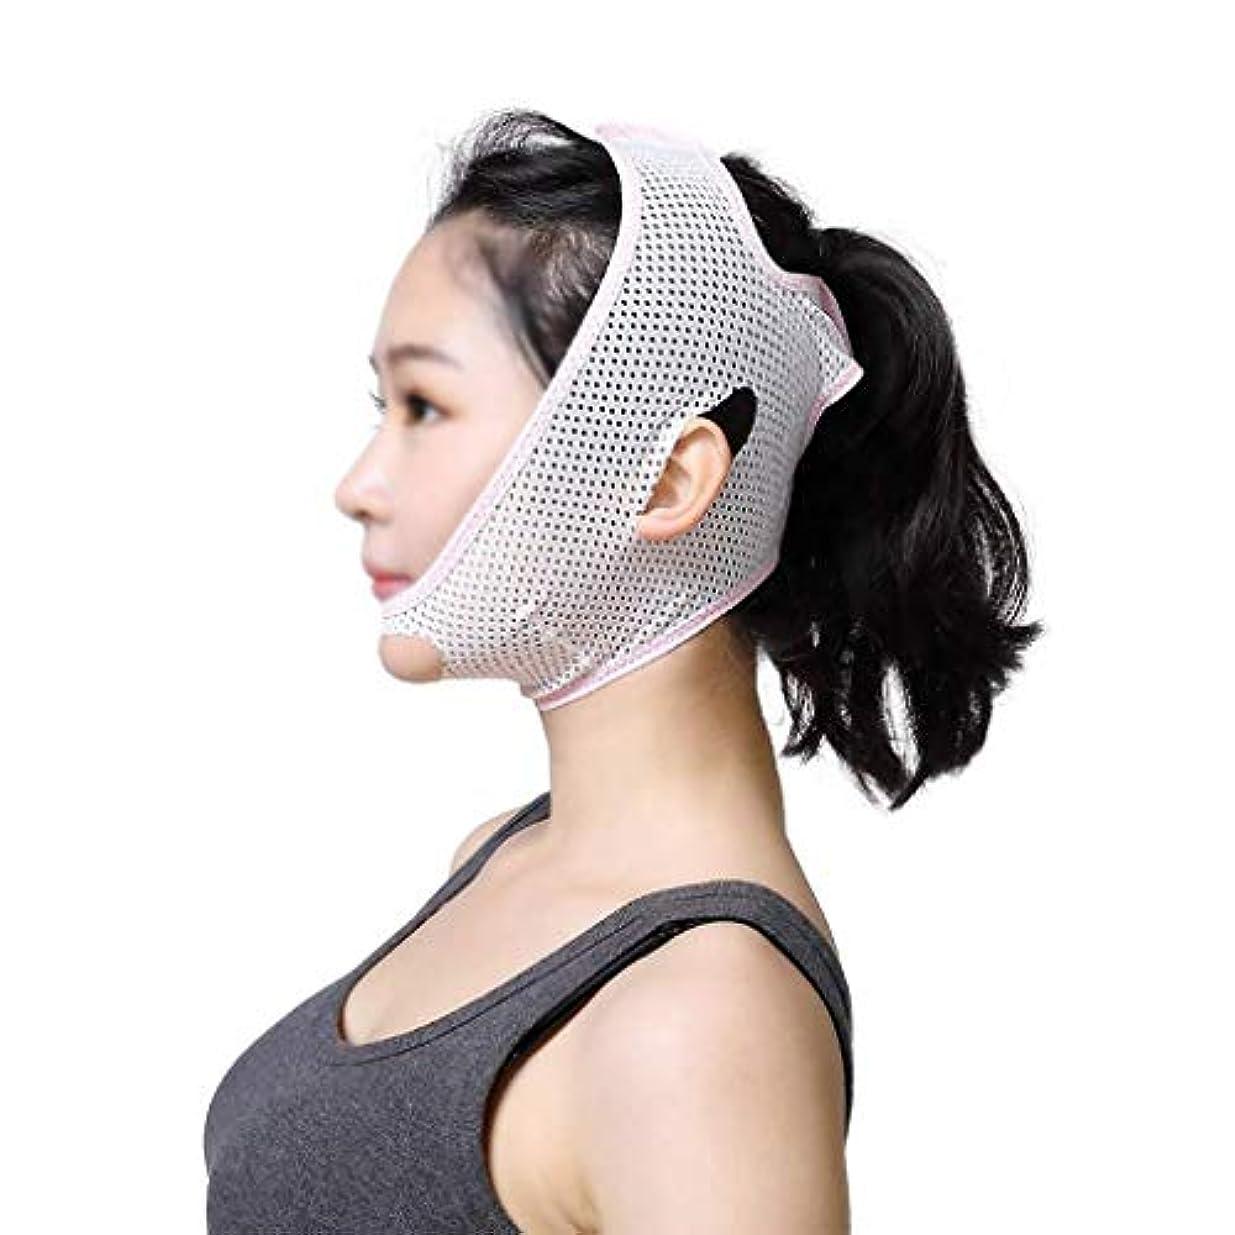 パリティ非難するビザあごのストラップ、二重あごの男性と女性のフェイスリフトフェイシャルへの美しさのマスクでポストフェイス補正を彫る通気性フェイスリフトアーティファクト睡眠包帯ライン(サイズ:M)